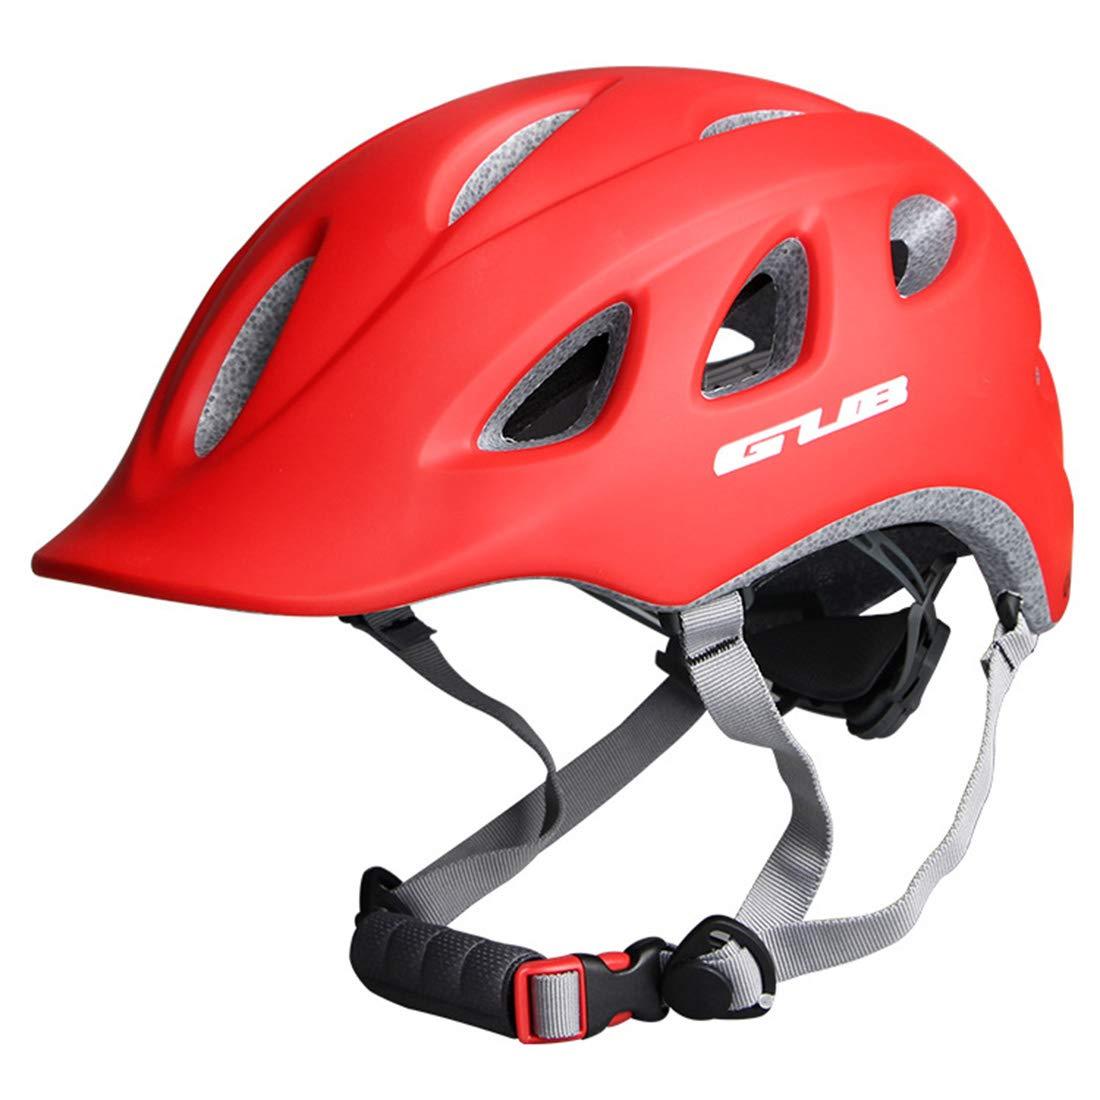 JESSIEKERVIN YY3 Fahrrad-Reithelm Erwachsener Fahrrad-Helm Fahrrad-Schutzhelm Geeignet für Outdoor-Radsportler